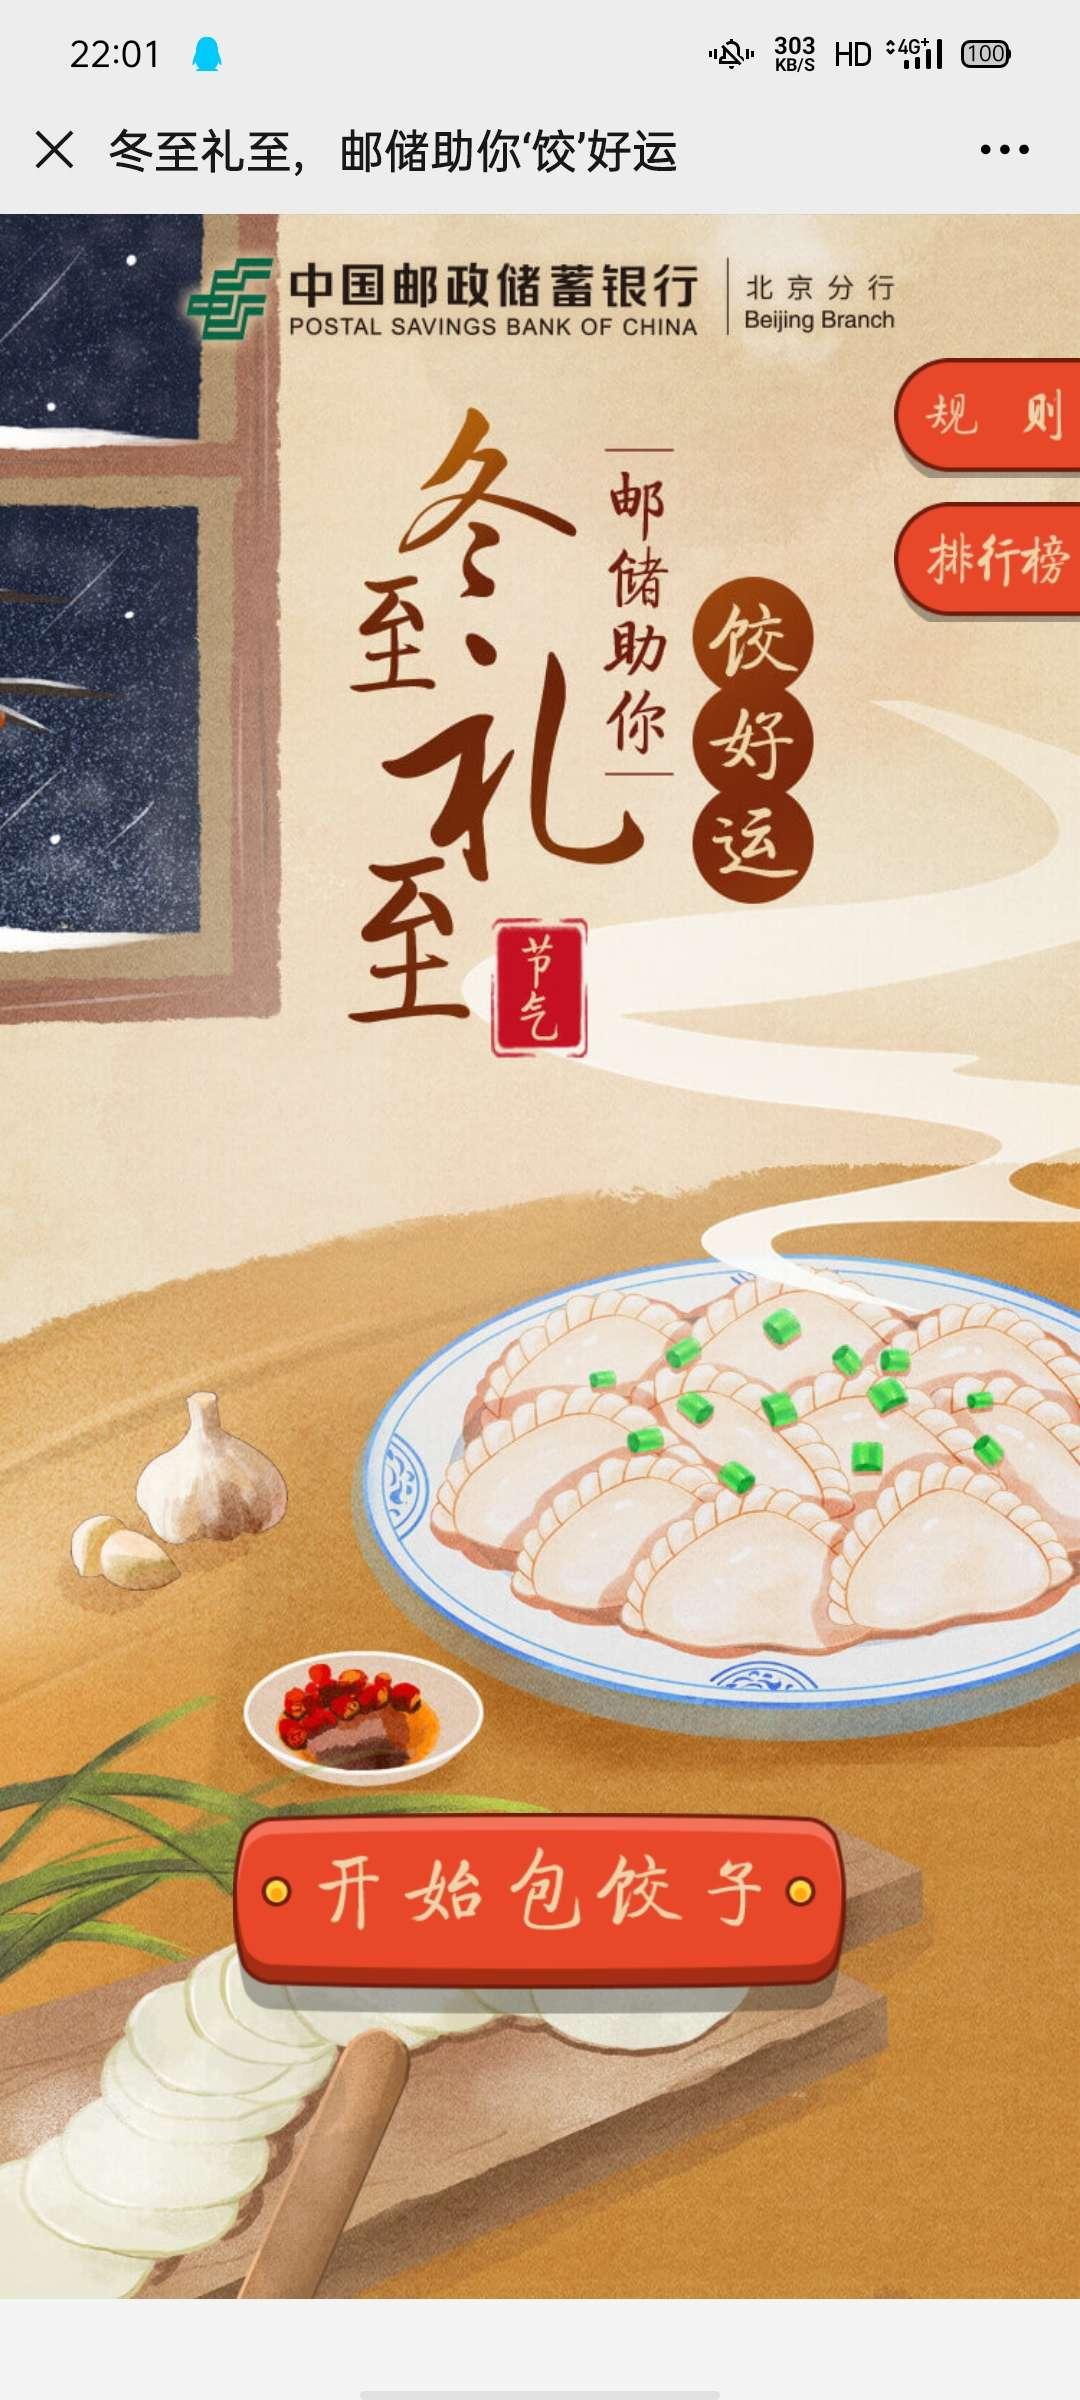 图片[2]-邮储银行北京分行冬至玩游戏抽红包-老友薅羊毛活动线报网